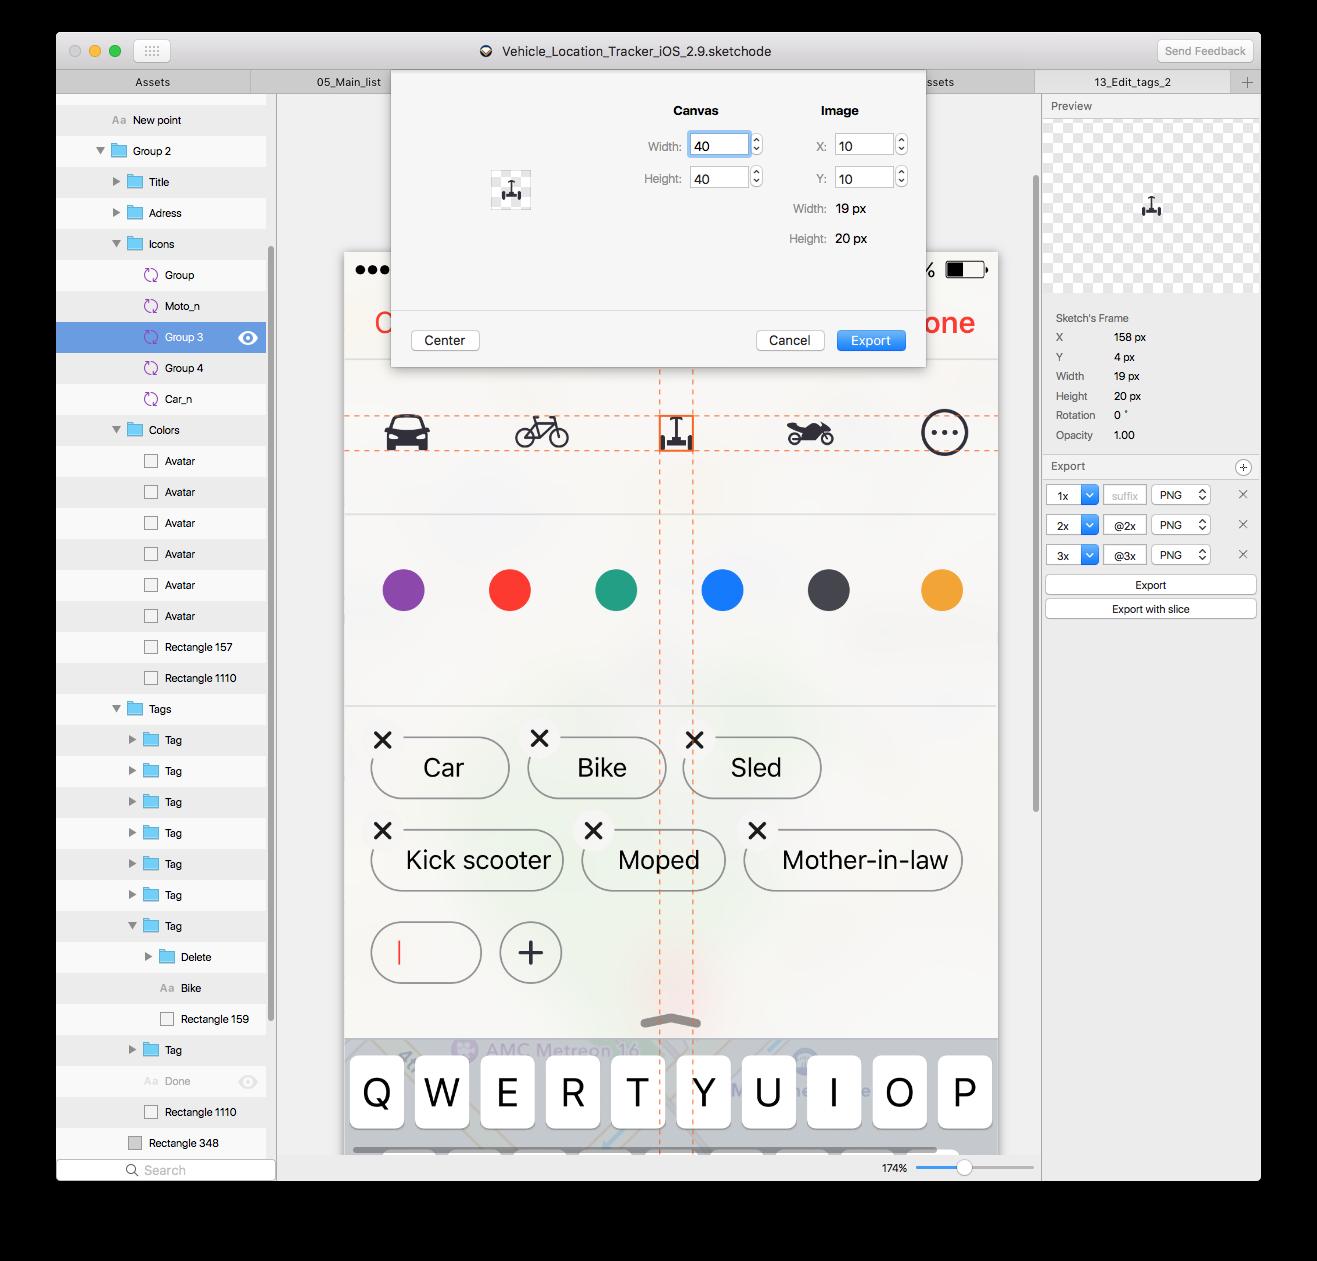 Реализация интерфейса с выдвижной панелью в iOS приложении - 4